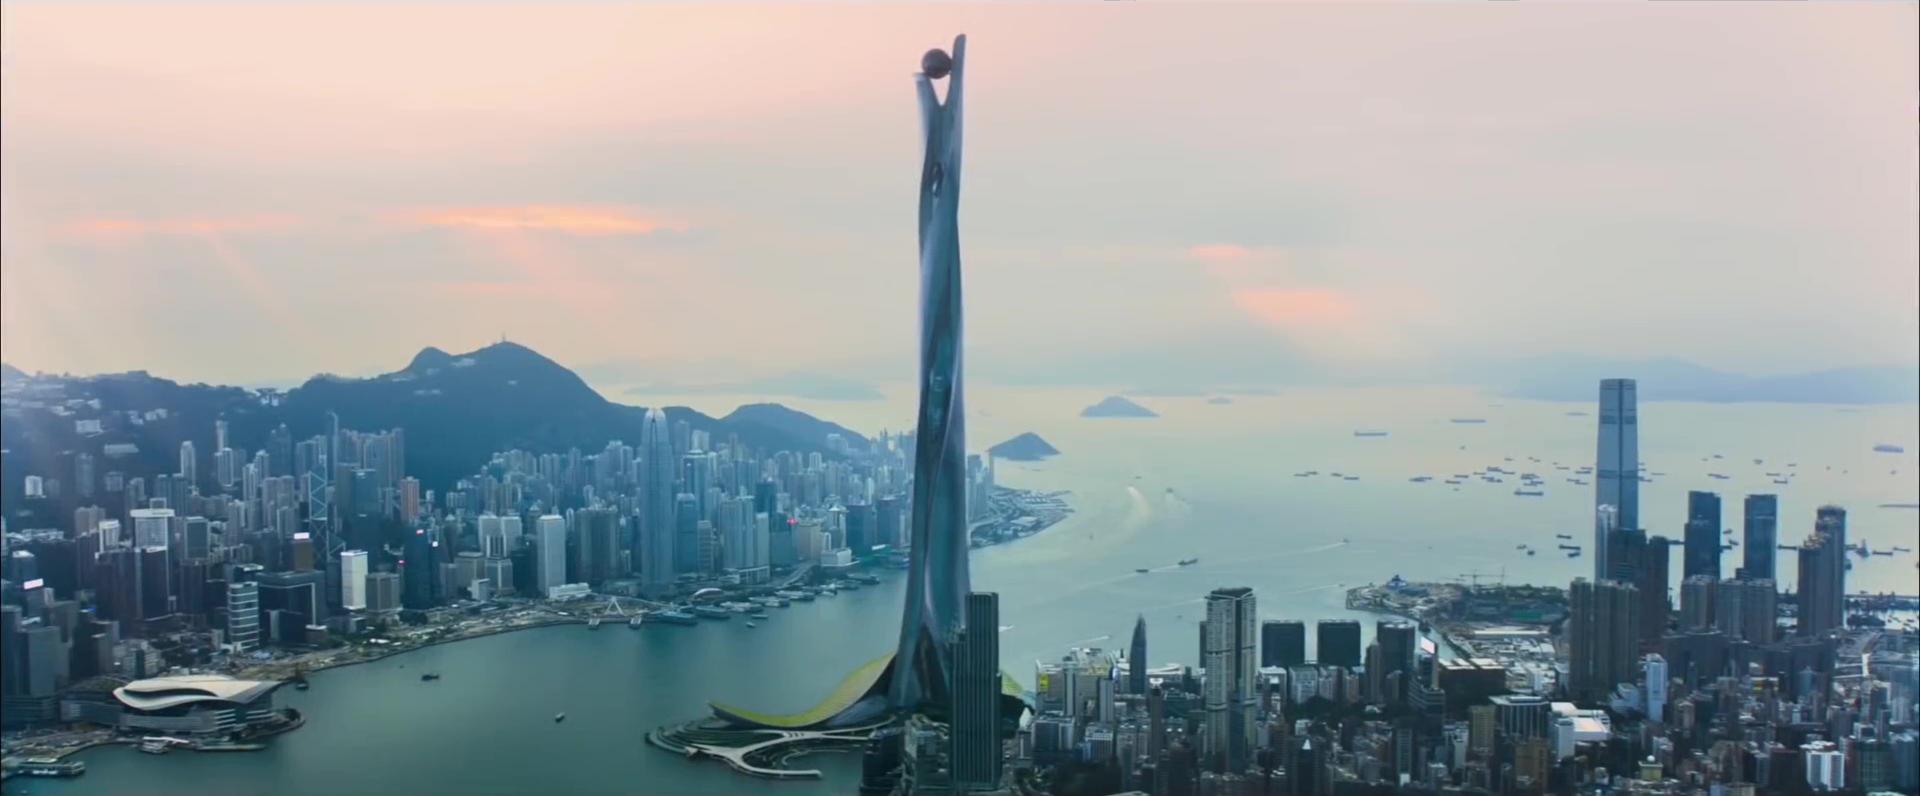 SkyscraperHongKong.jpg